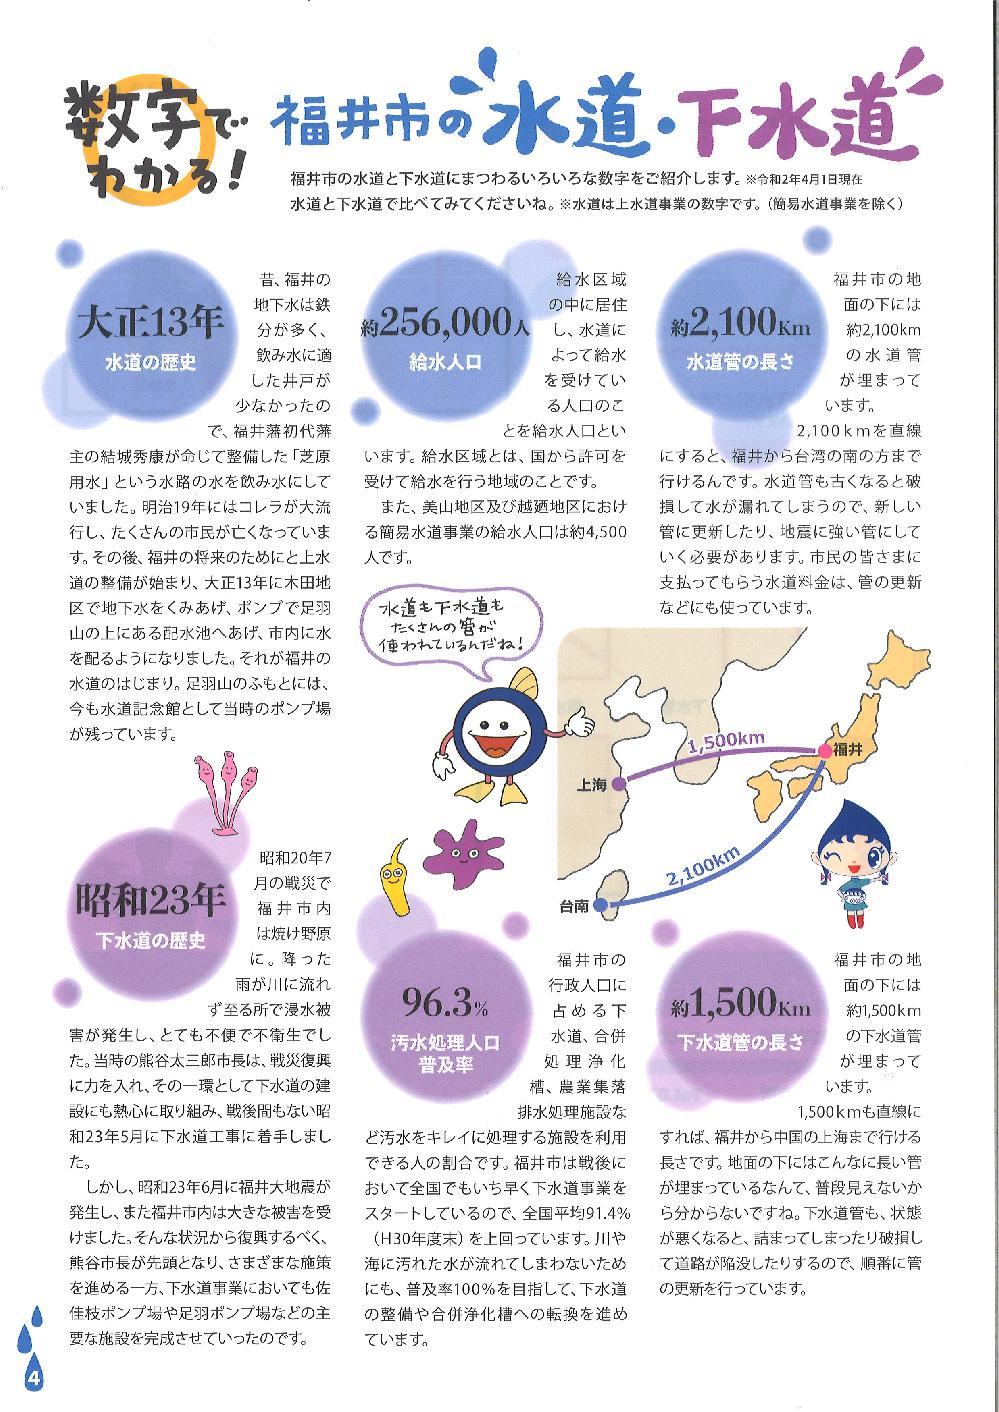 数字でわかる!福井市の水道・下水道p.01